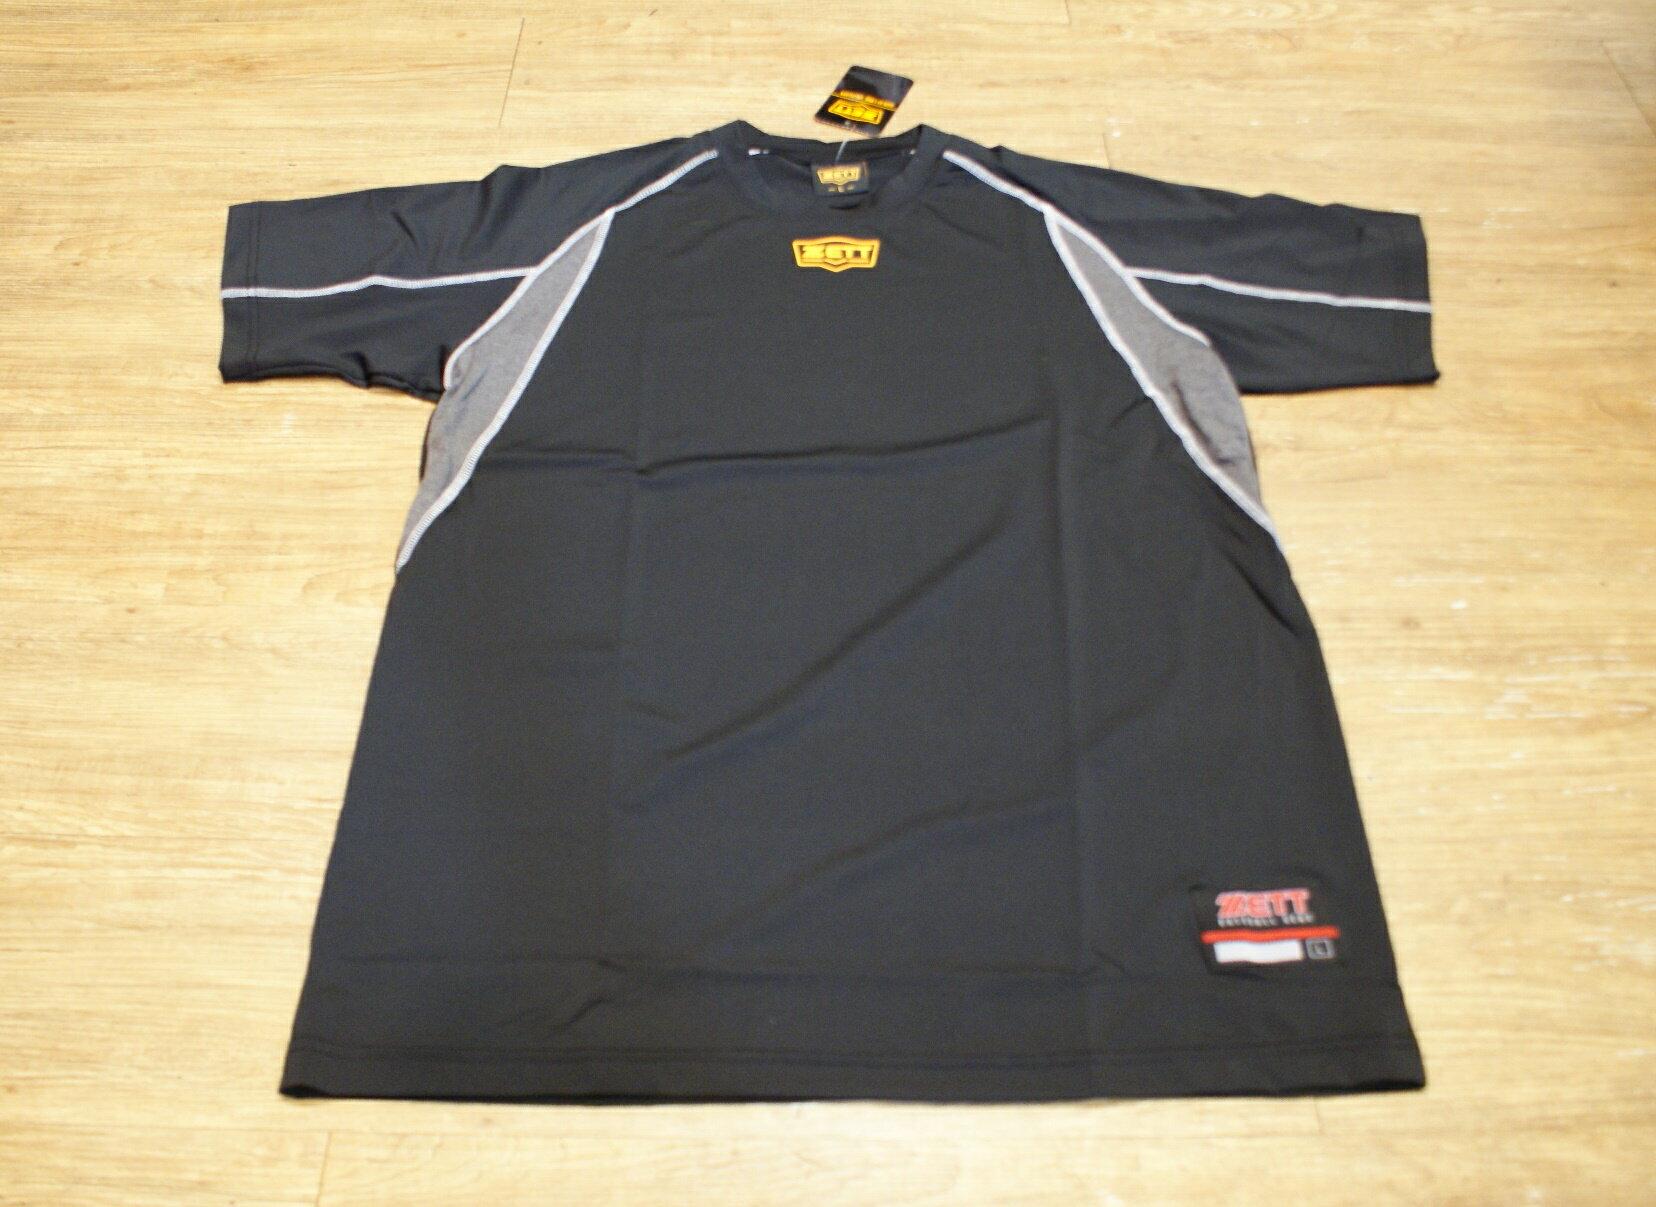 棒球世界全新ZETT金標機能服 練習衣特價 兩色